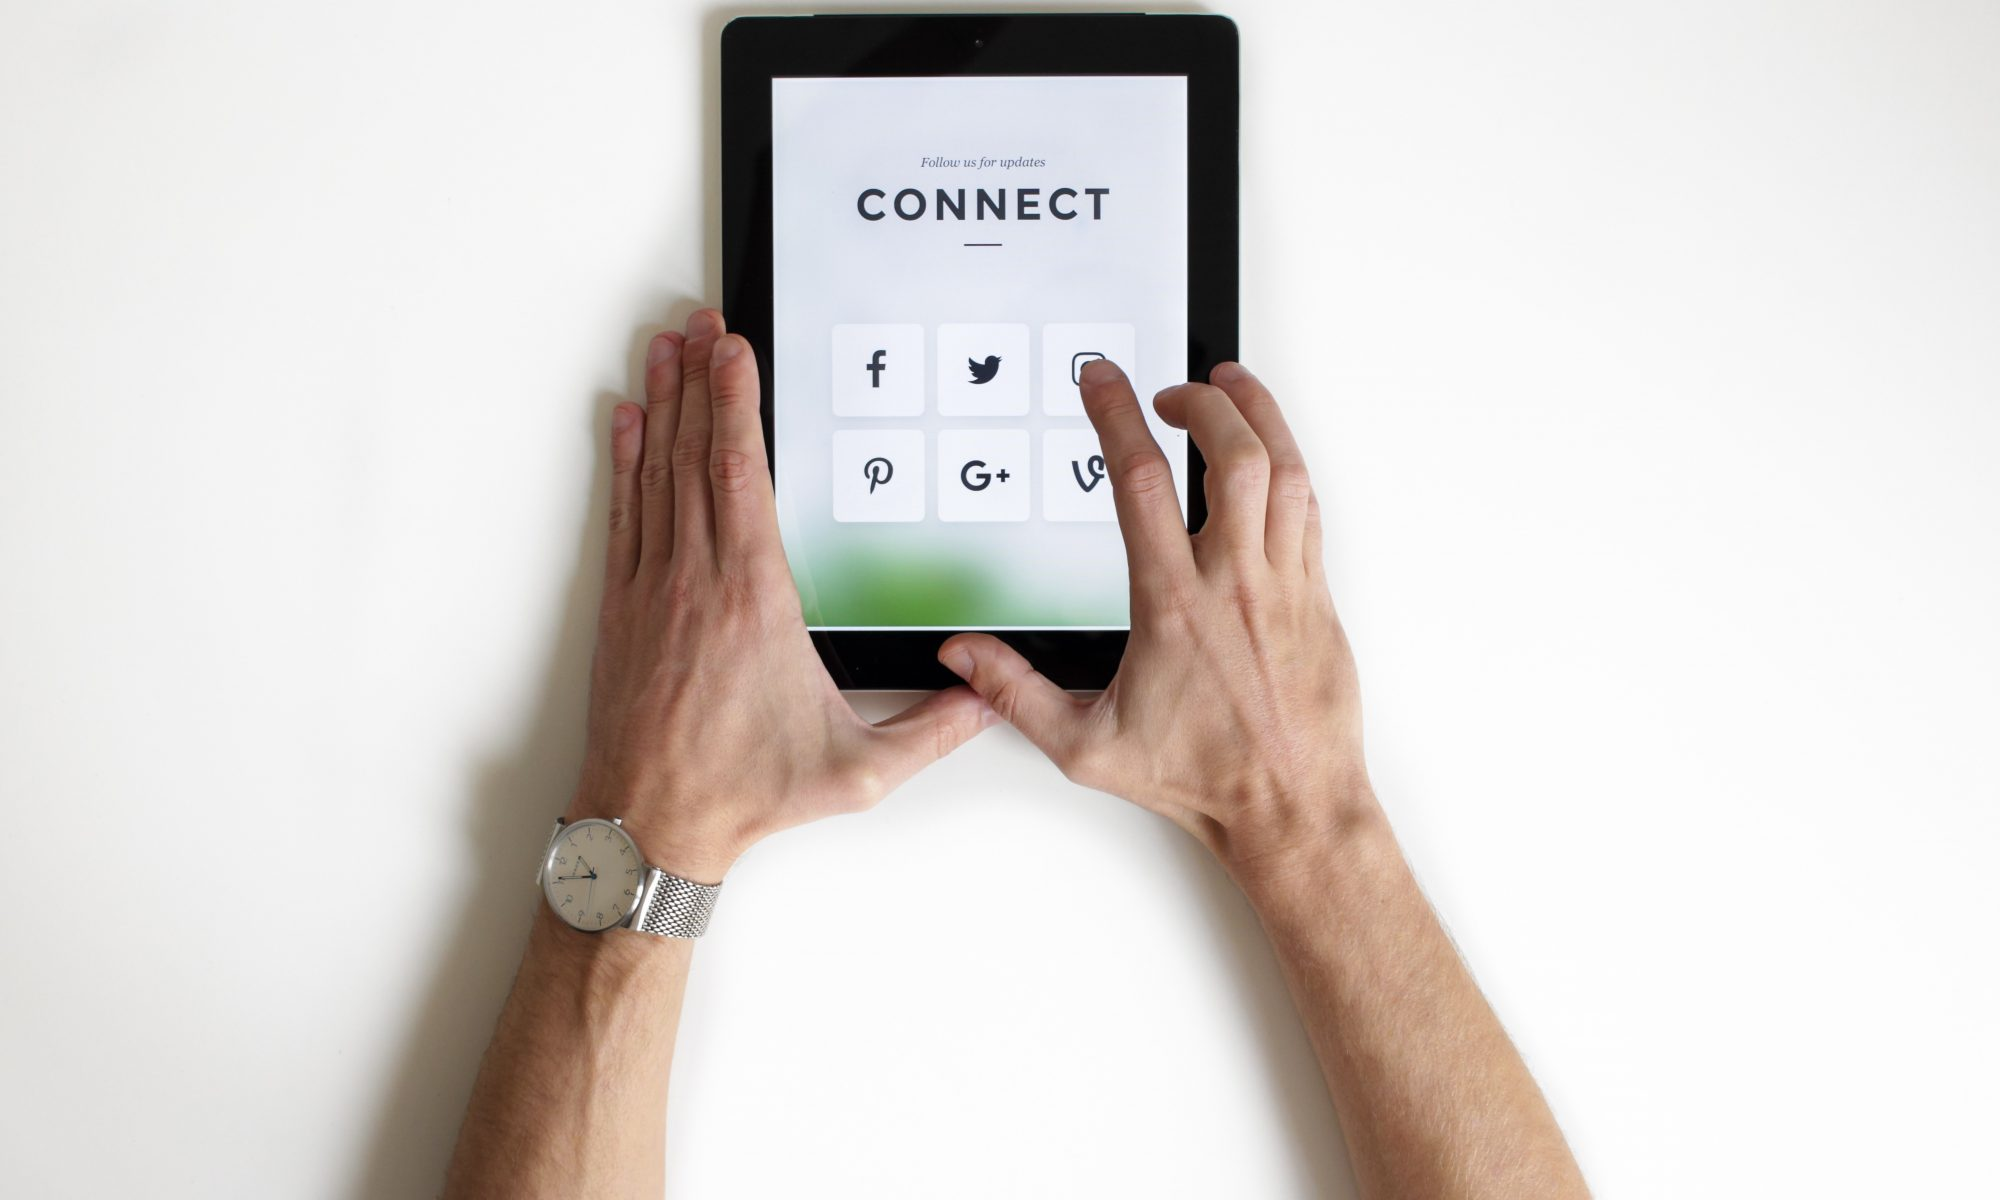 Next Steps social media on an ipad